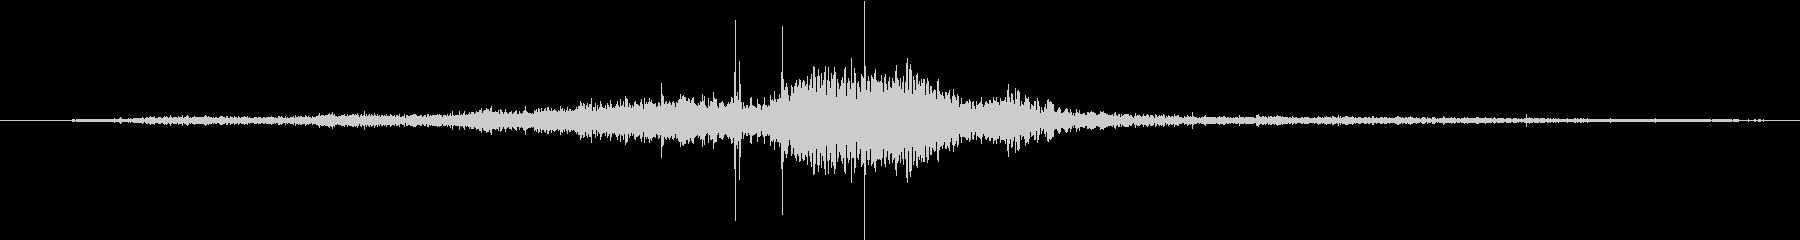 ハマーH2 Suv:Ext:未舗装...の未再生の波形